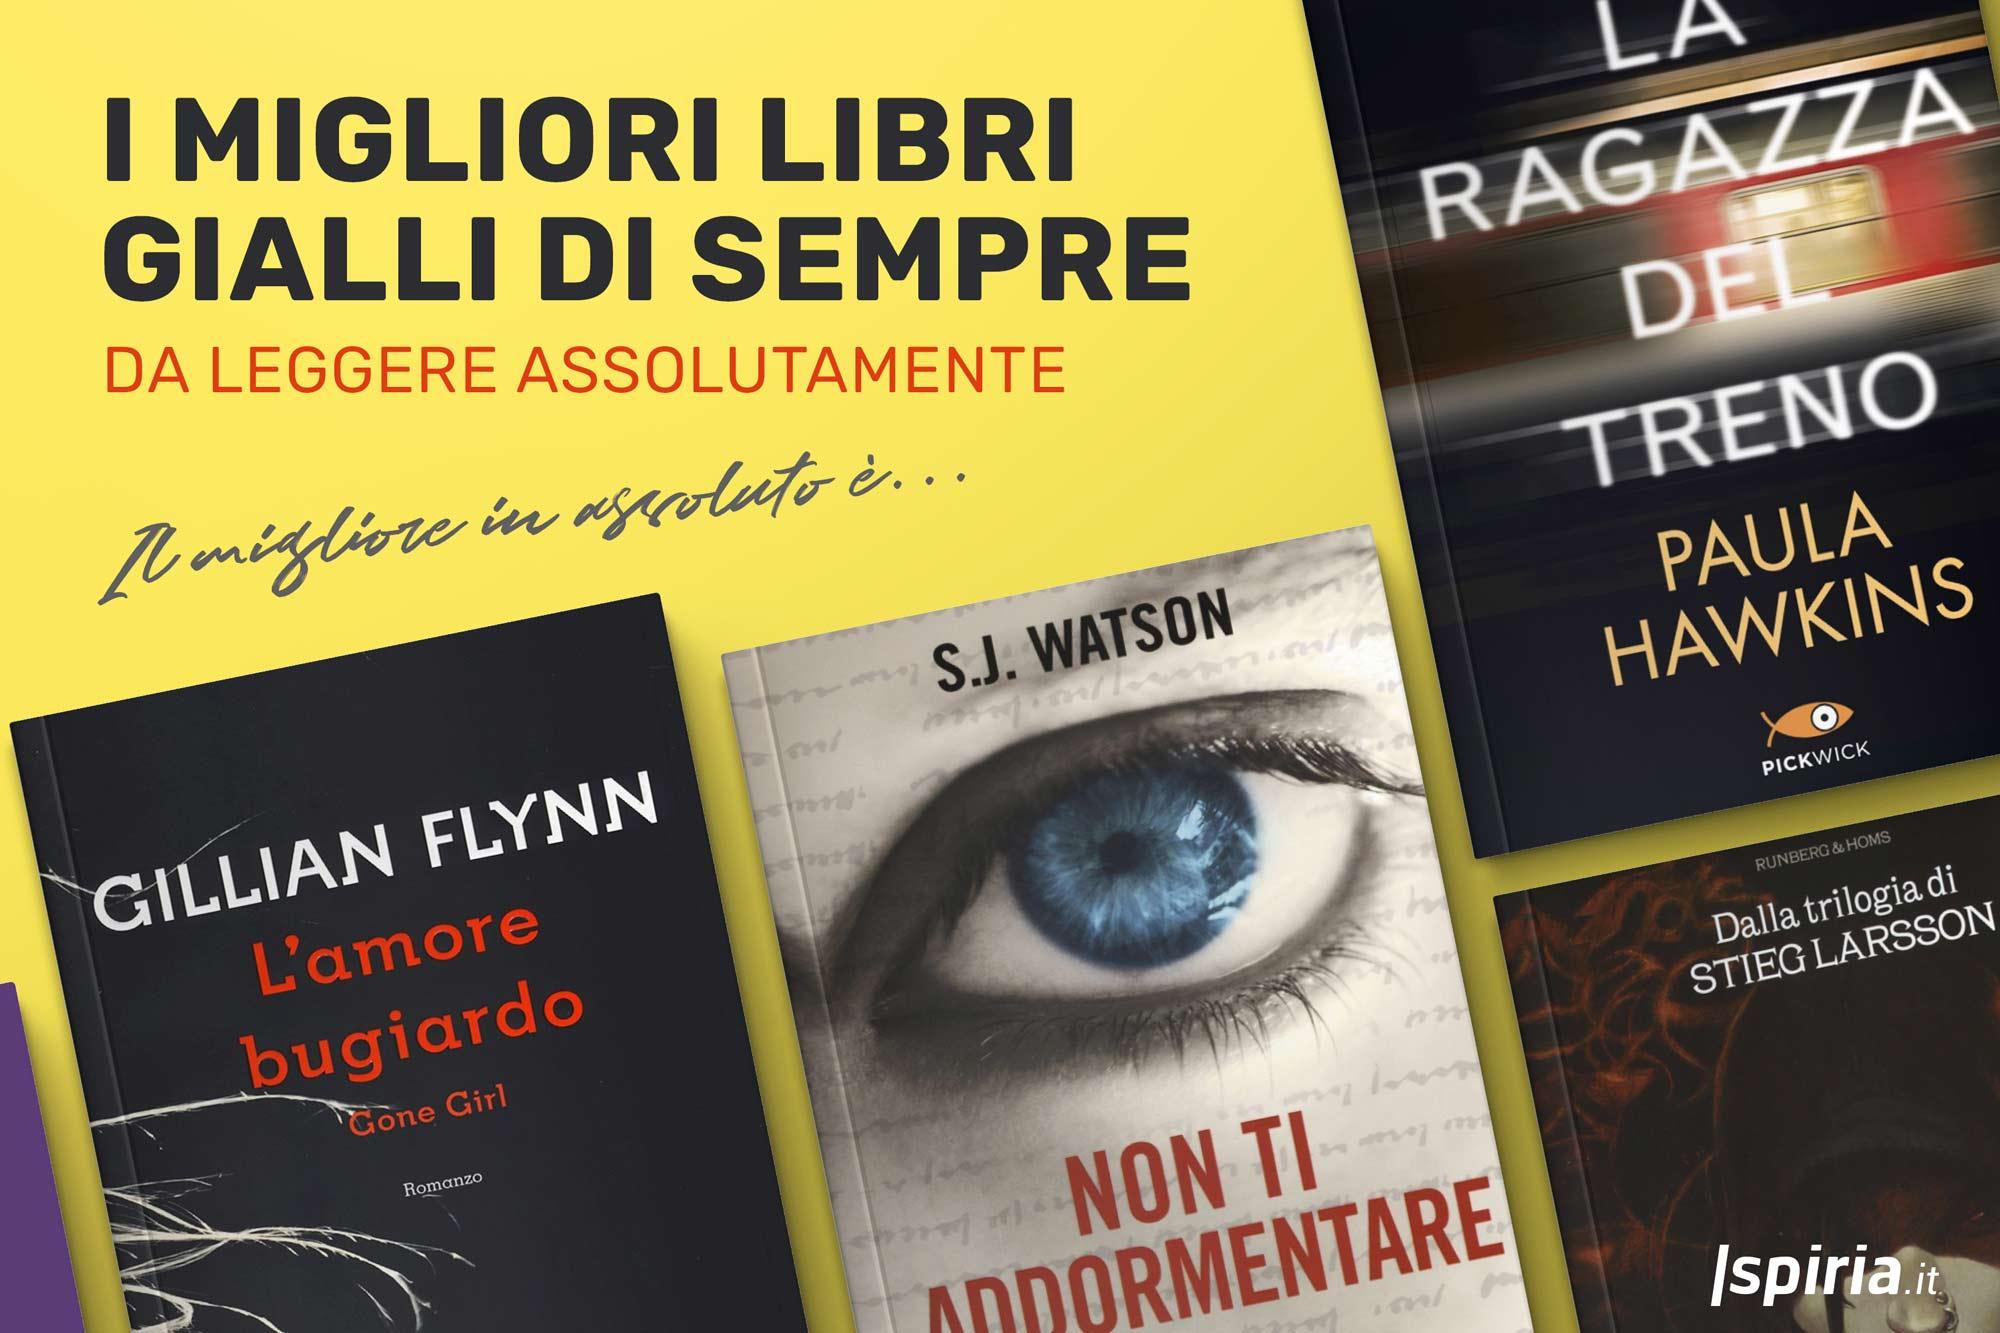 Migliori Libri Gialli | Romanzi Gialli Da Leggere Assolutamente, Il Caso è Chiuso